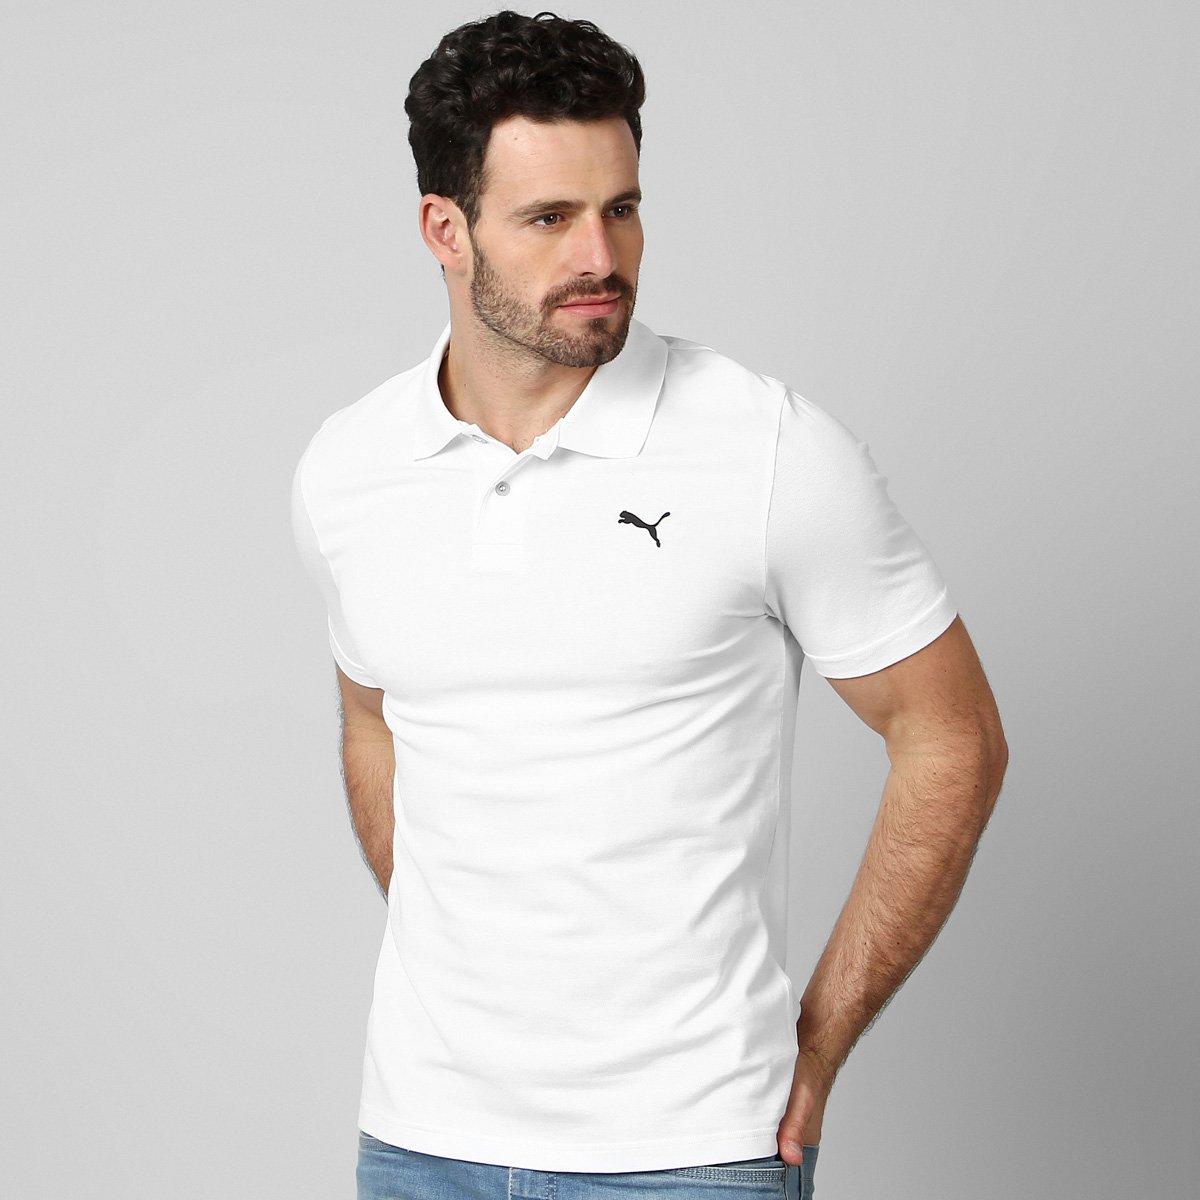 Camisa Polo Puma ESS - Compre Agora  868aed9f0c4a7